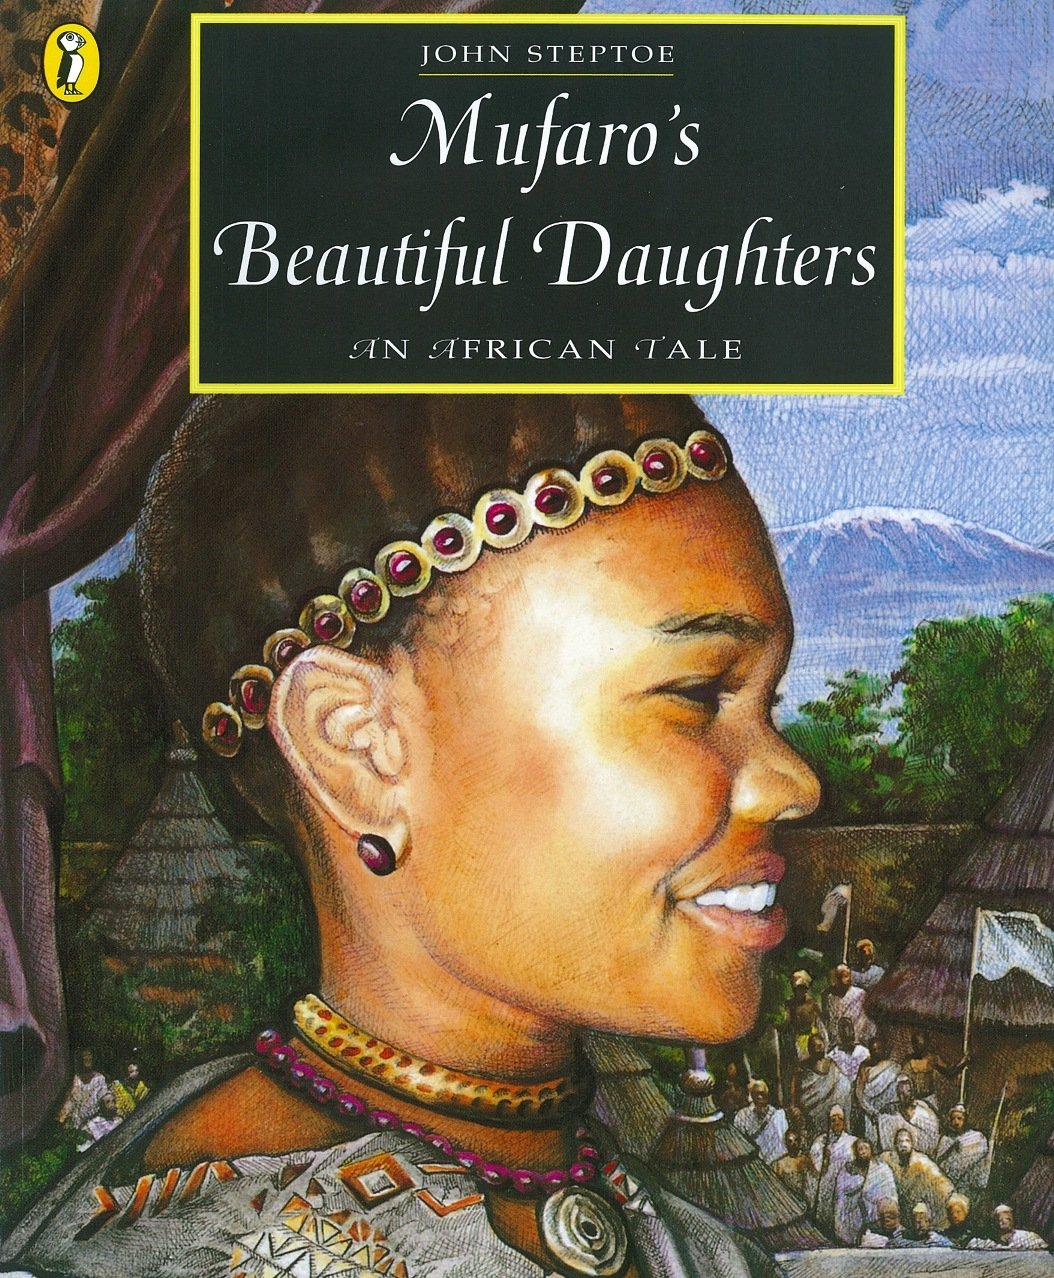 Mufaro's beatiful daughters